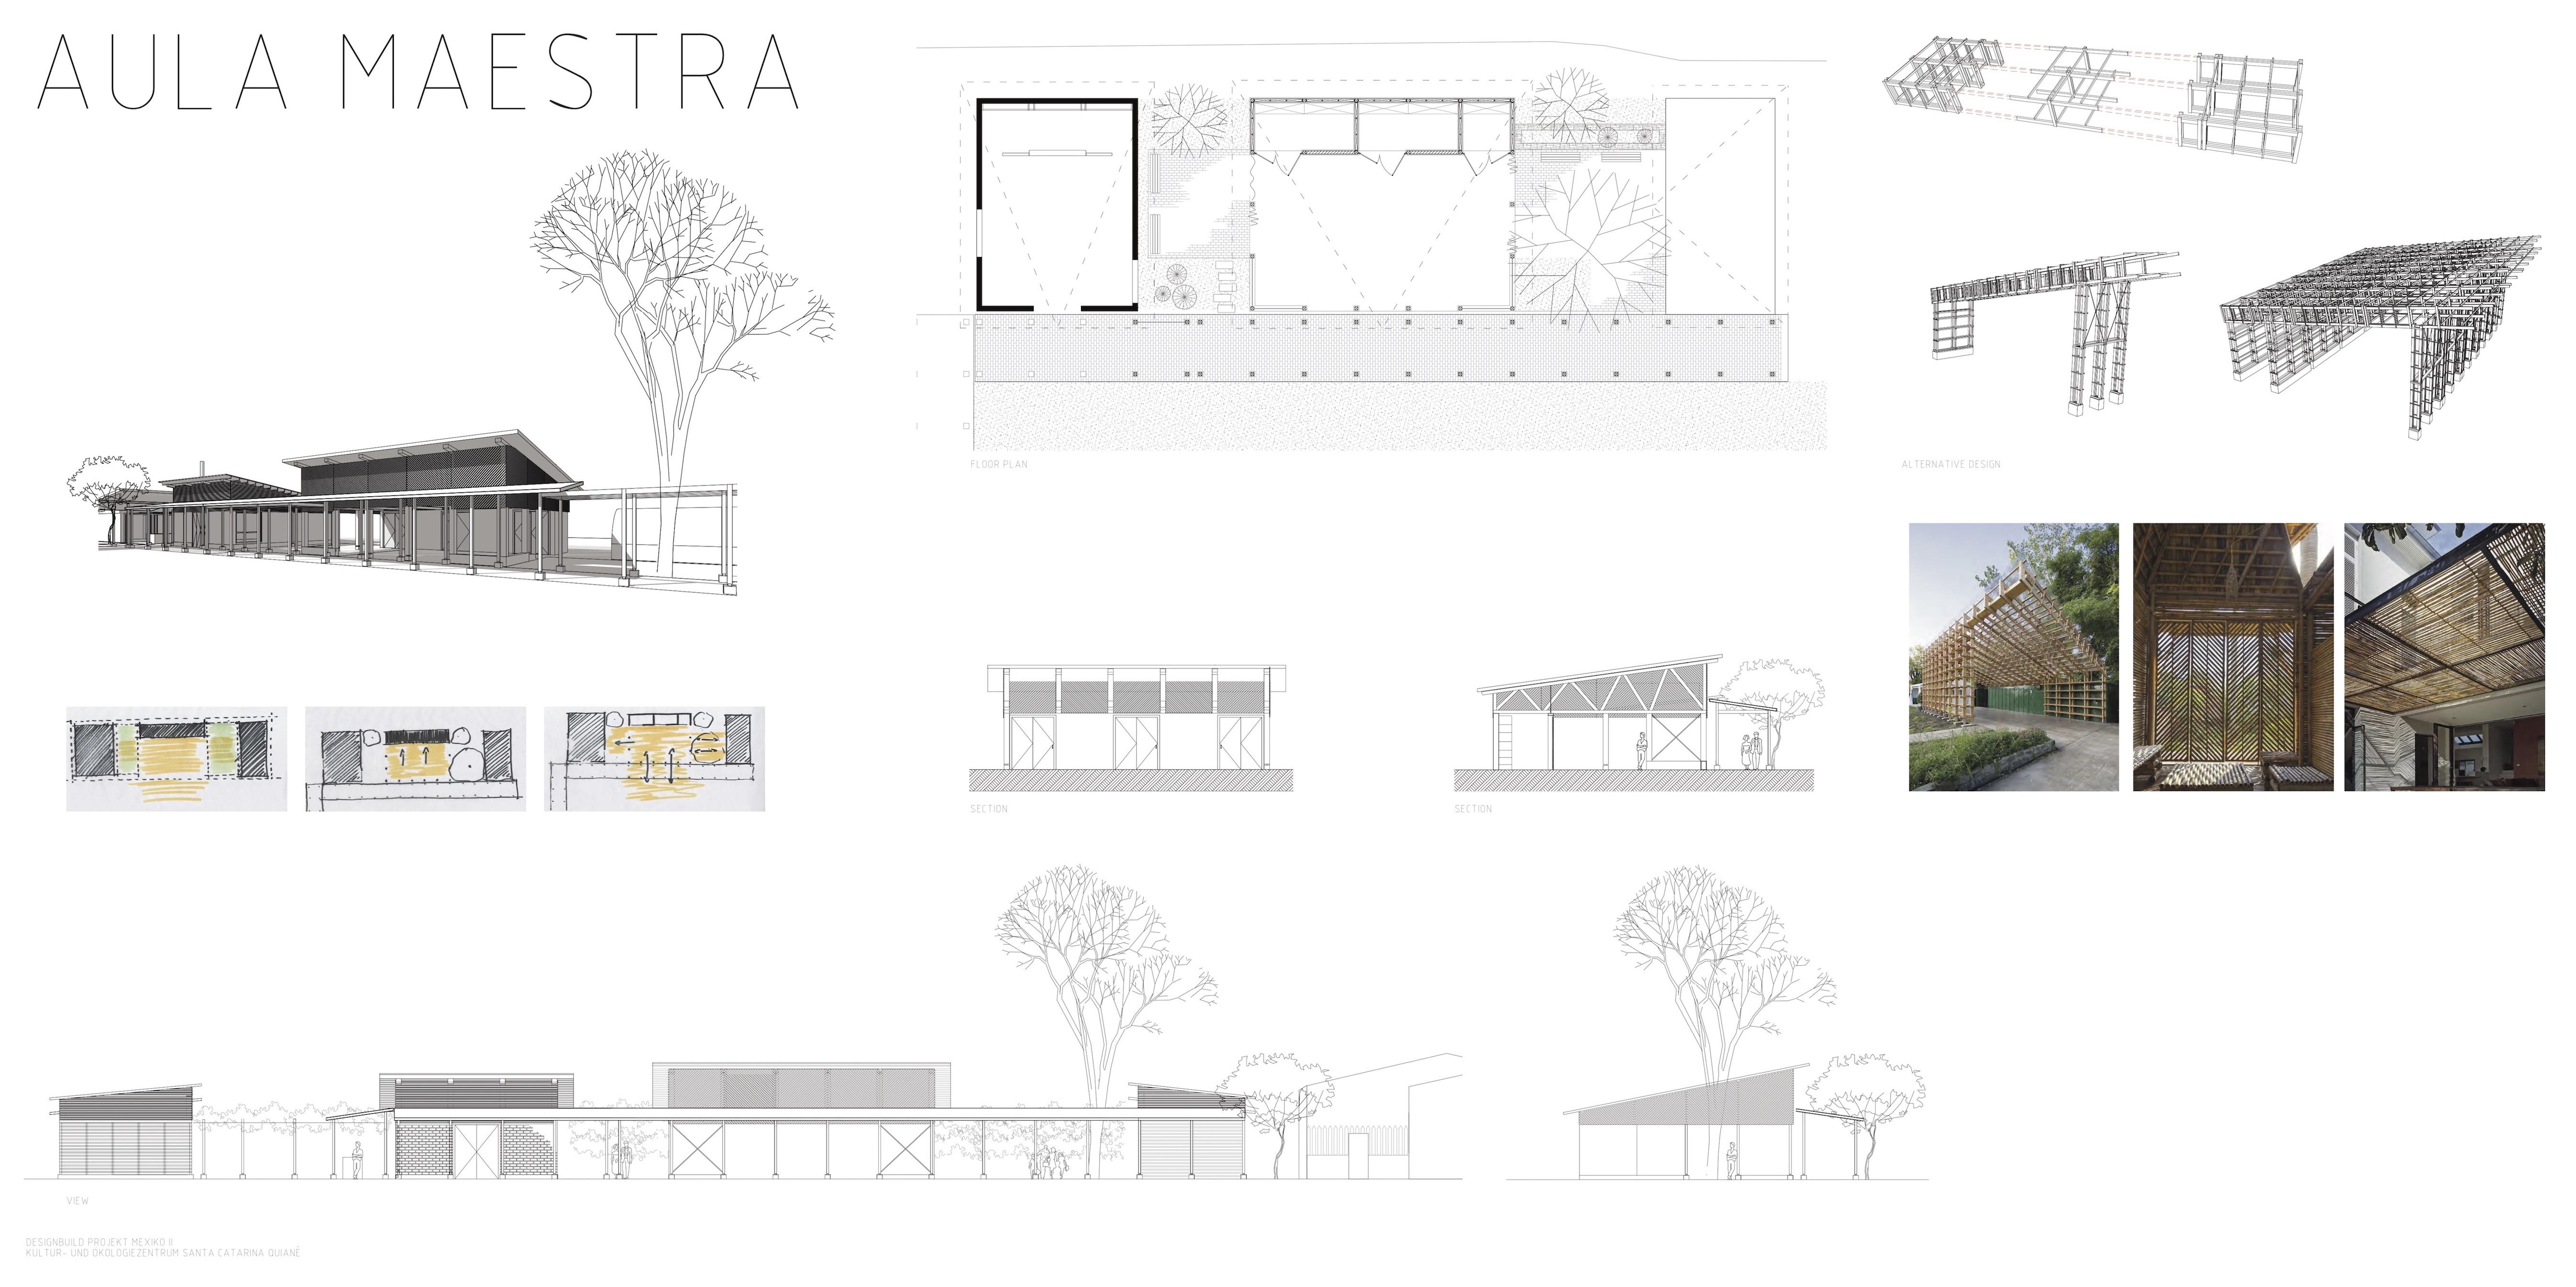 new aula proposal